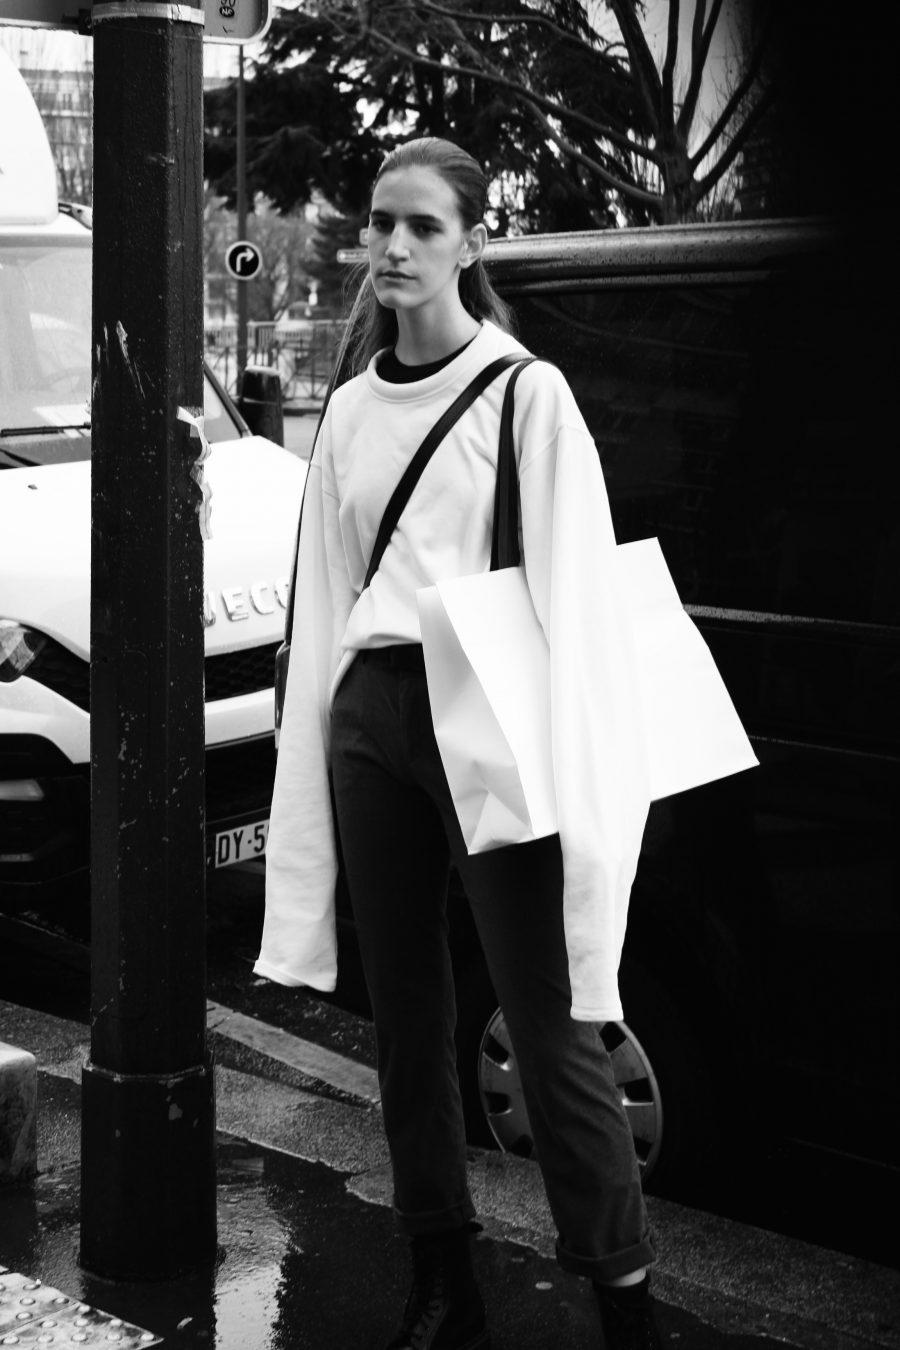 Model after Céline Runway in Paris FW 2017